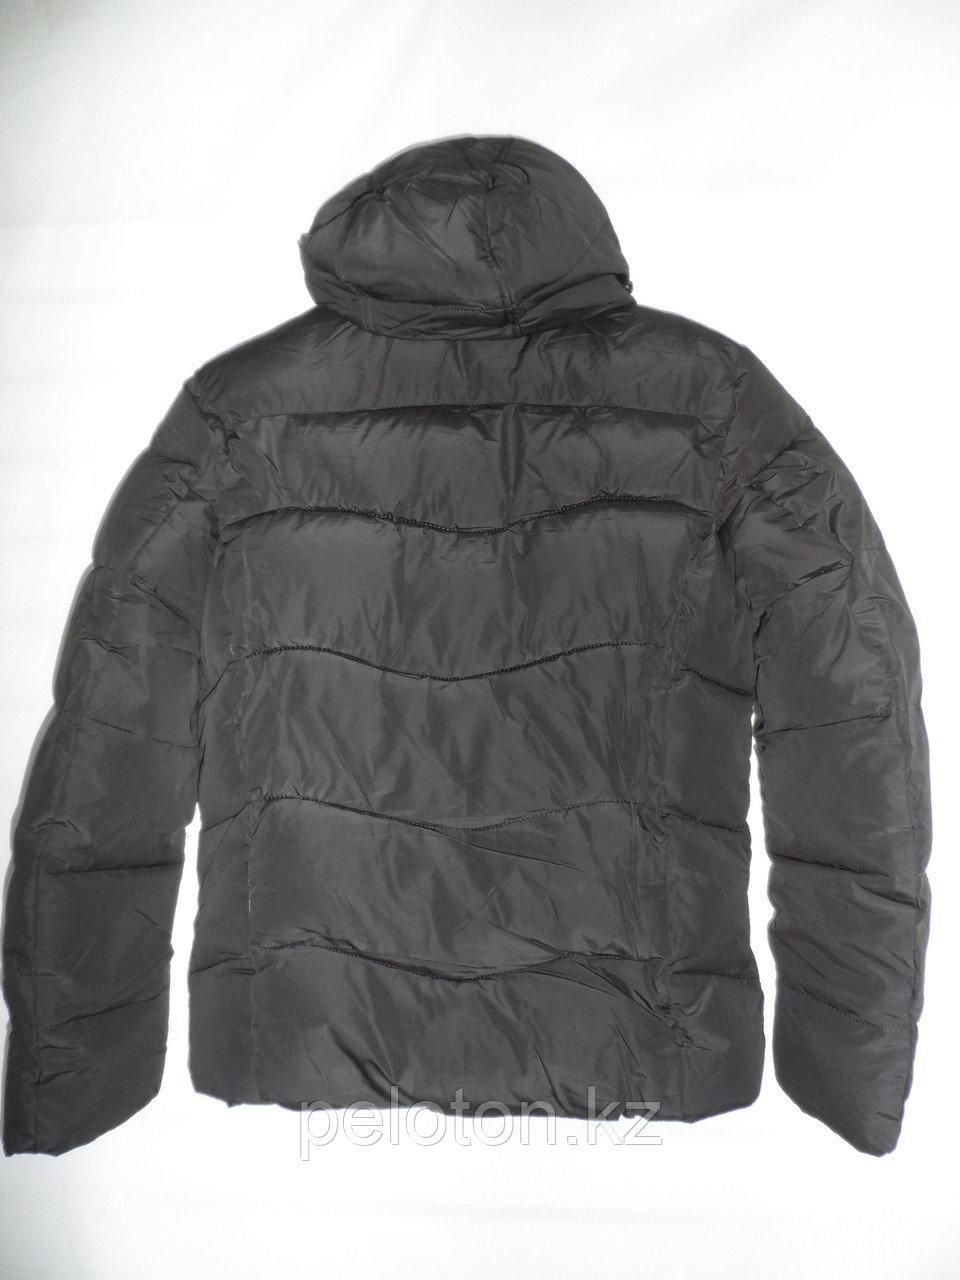 Пуховик. Куртка зимняя Polar Bear - фото 3